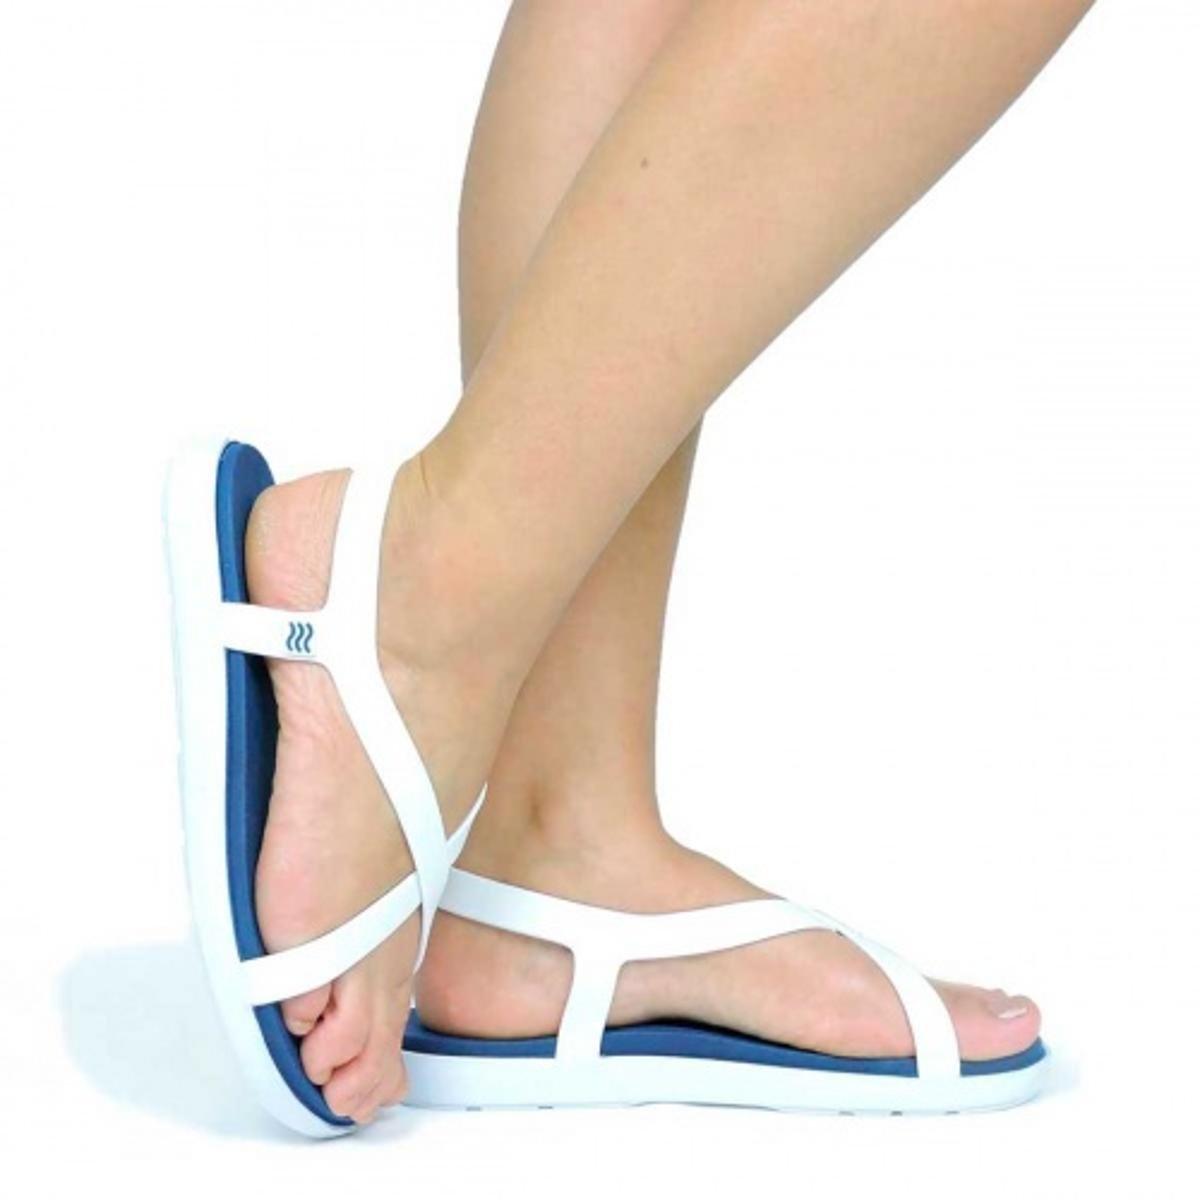 Sandália Branco Paikea Moorea Sandália Paikea Sandália Branco Moorea Paikea Moorea nZgIZq